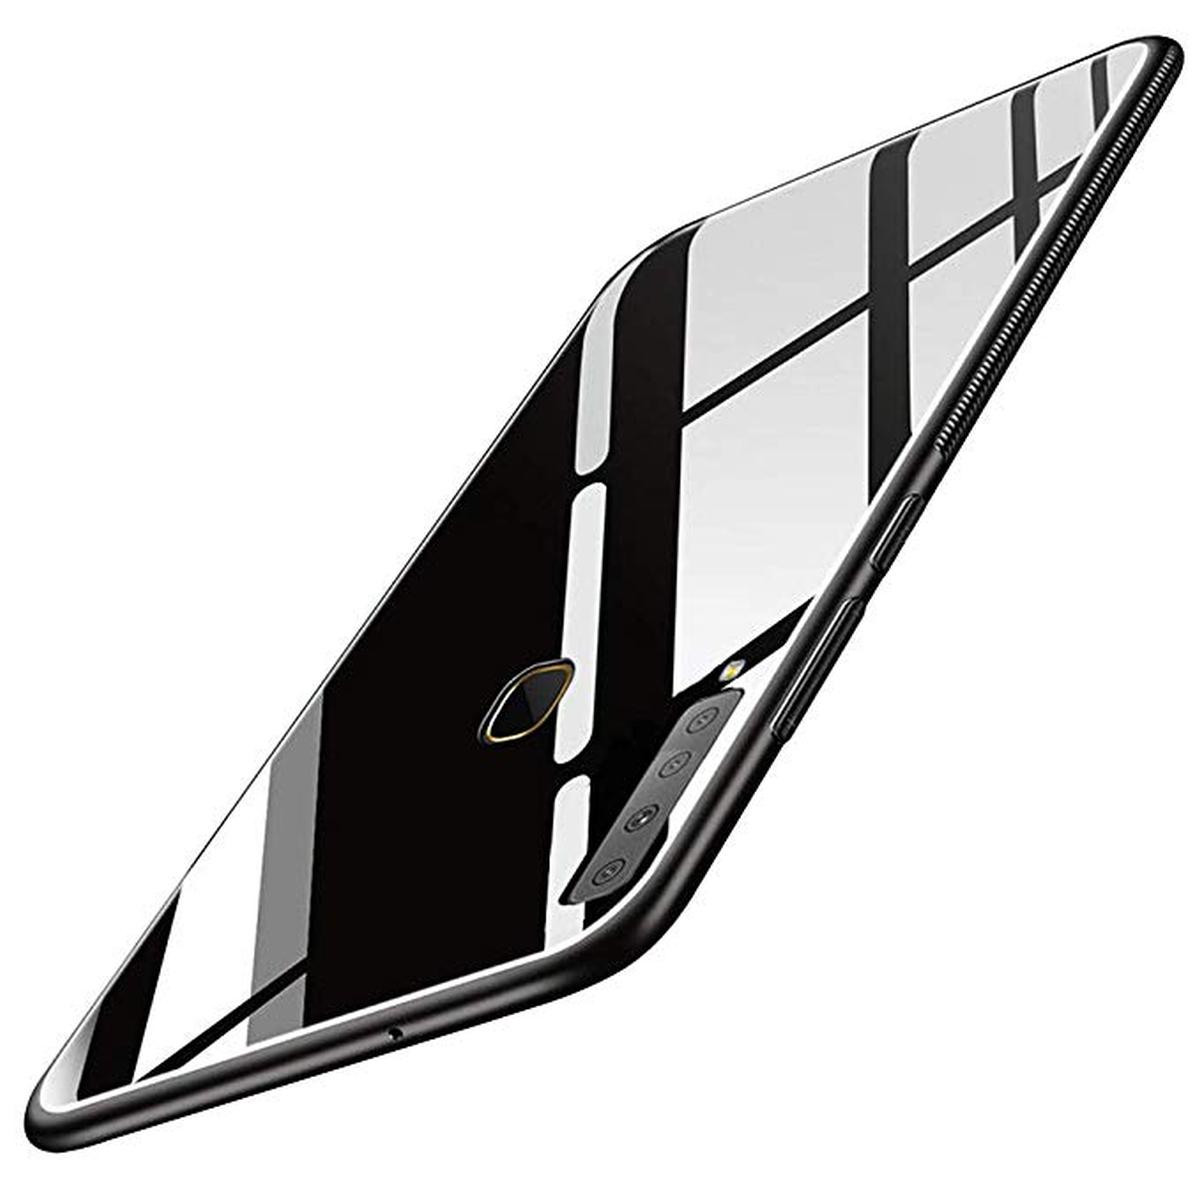 Samsung-Galaxy-A9-hybrid-case-1